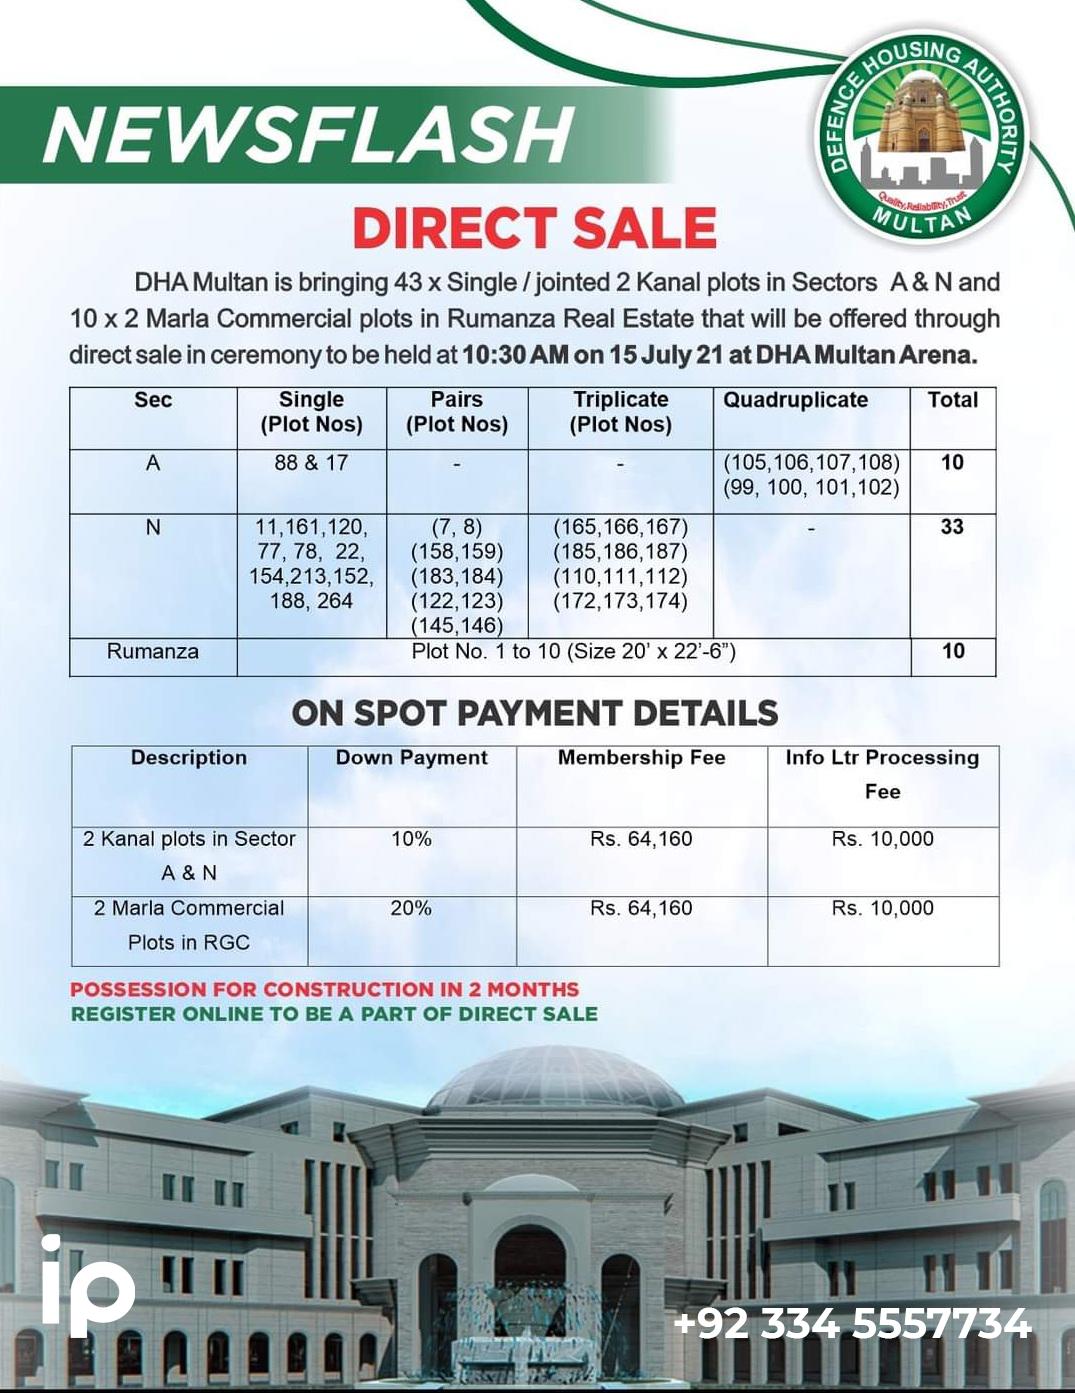 Direct sale plots & payment details - DHA Multan